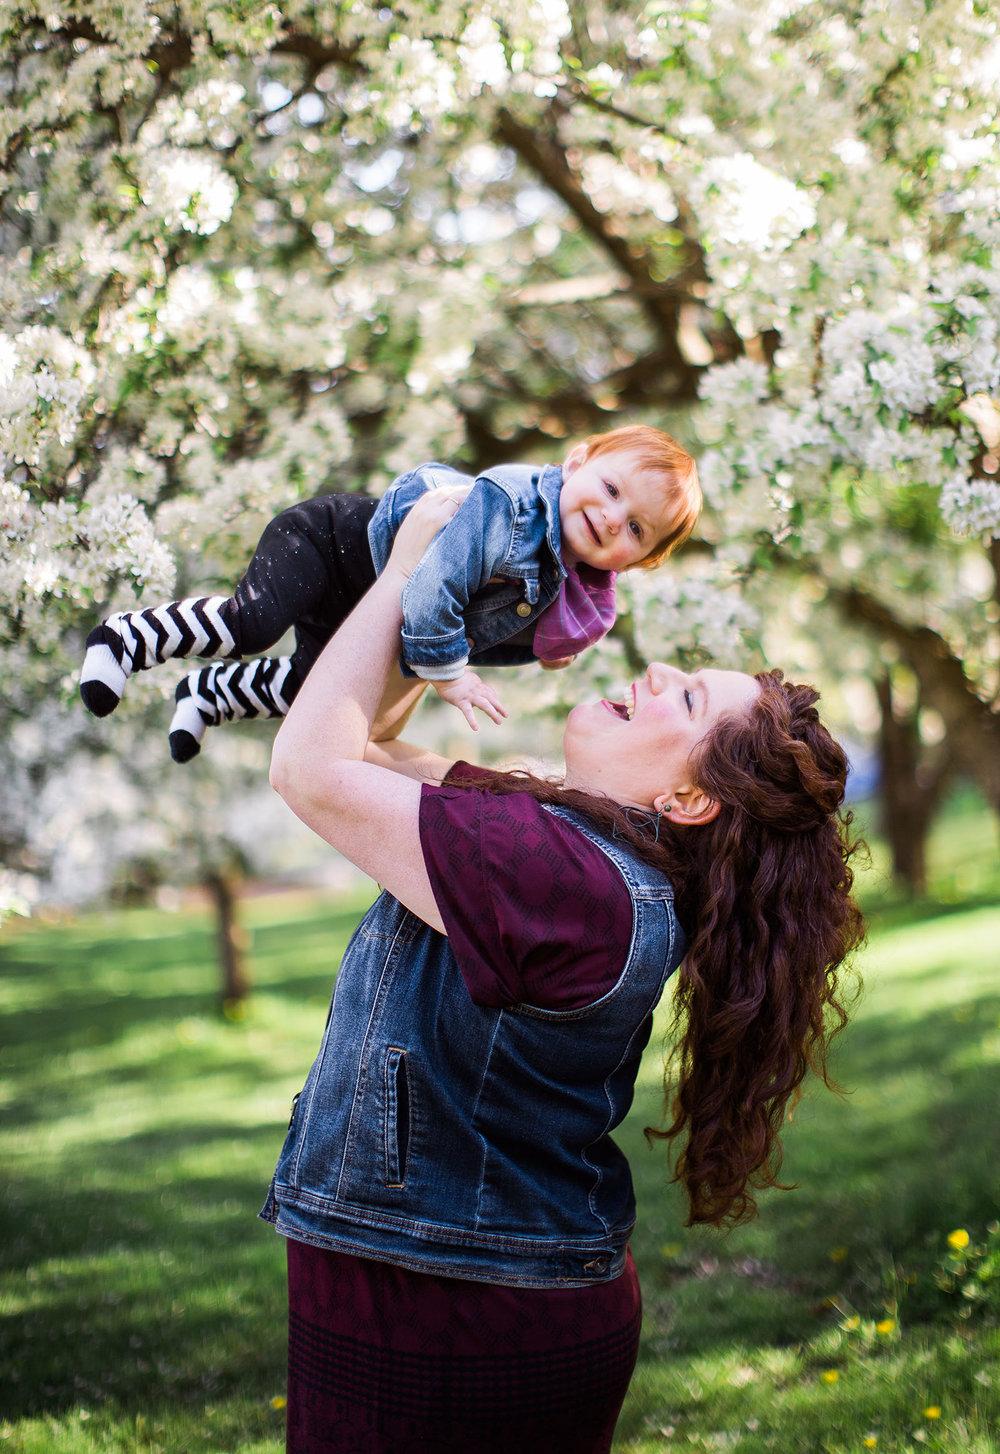 Sweet baby girl in the springtime. Boston family photographer Joy LeDuc. Cherry blossoms, natural light, Acton, Massachusetts.